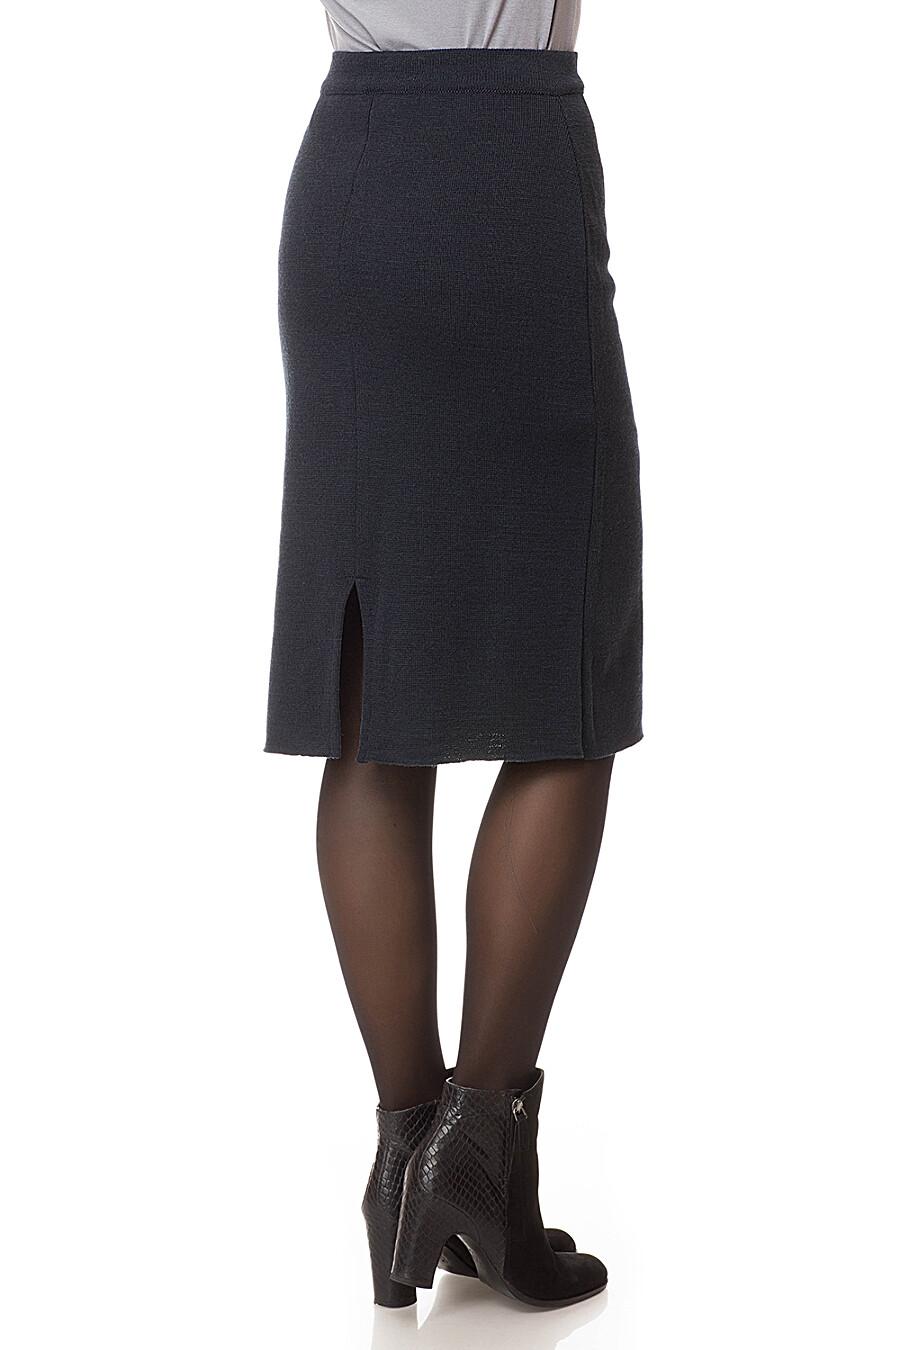 Юбка VAY (67572), купить в Moyo.moda